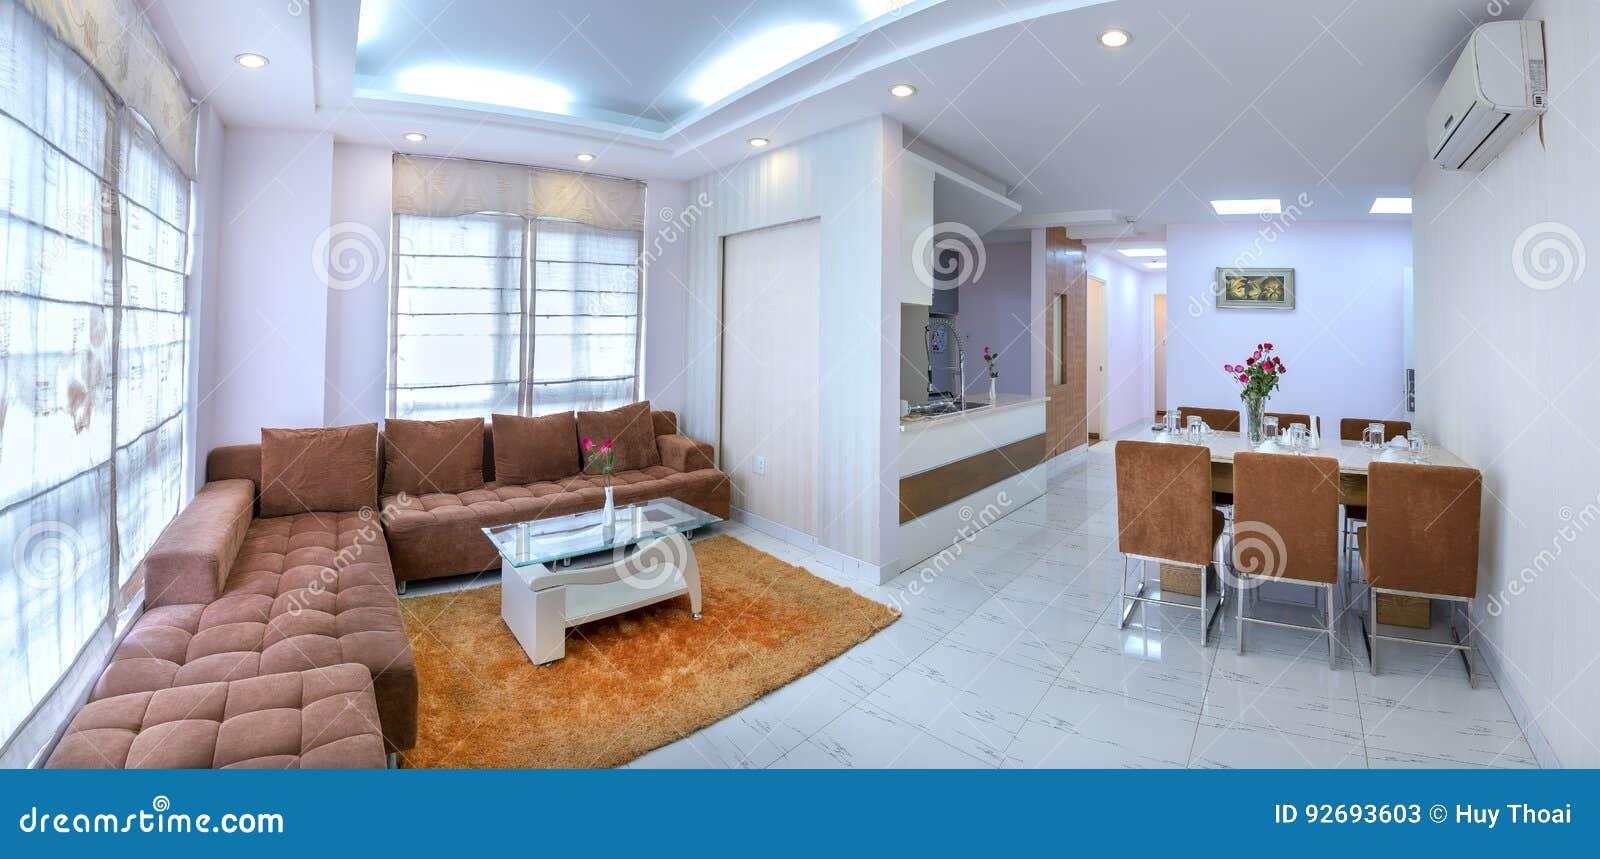 Ho Chi Minh City, Vietnam   5 Mai 2017 : Lu0027appartement Moderne De Style  Combine Le Salon, Salle à Manger, Le Grand Espace, Rêve Intérieur  Confortable, ...